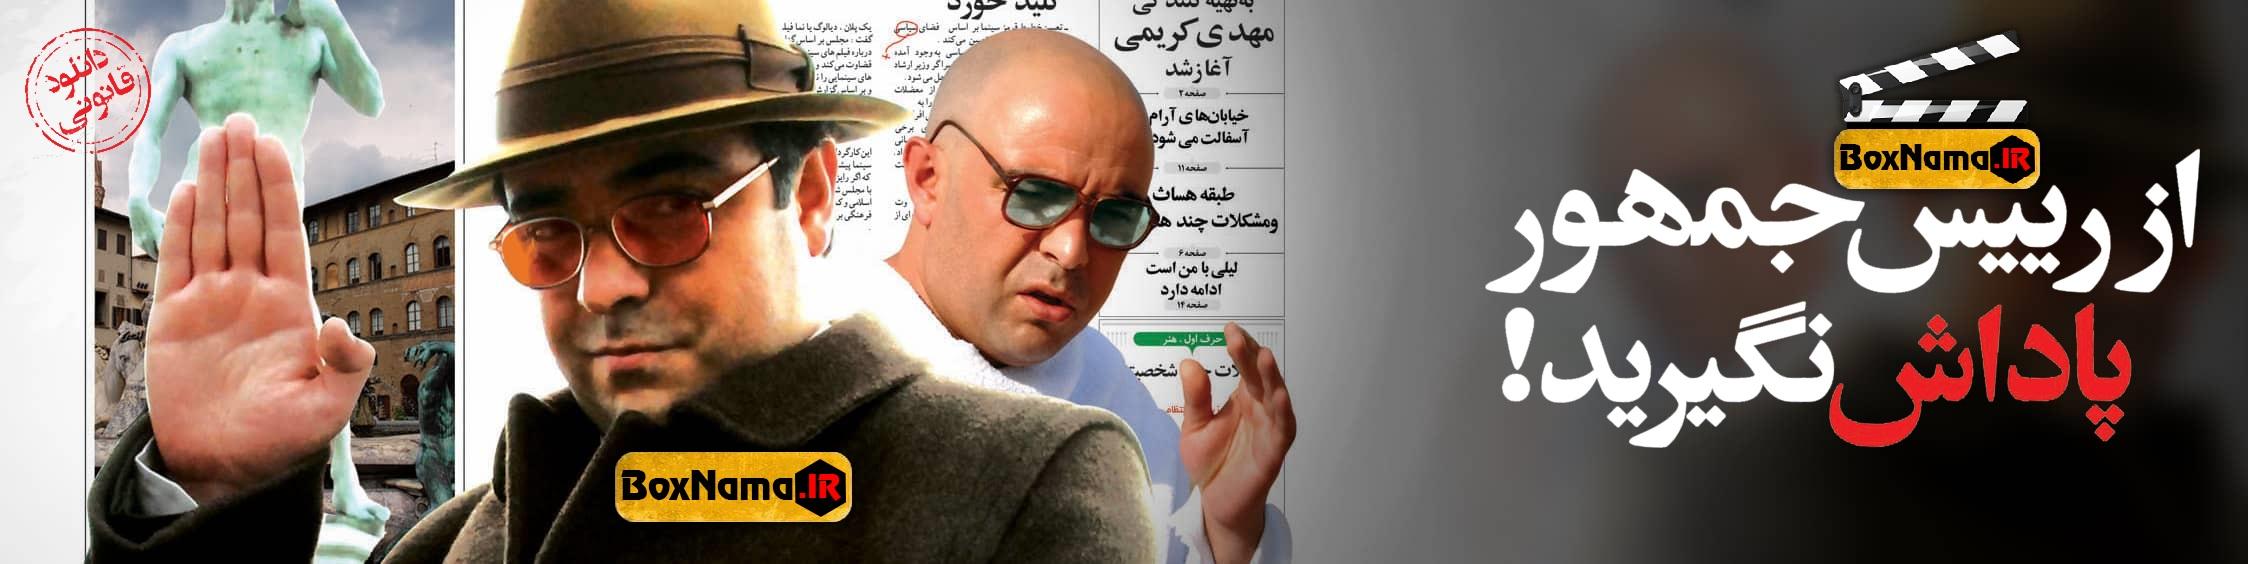 دانلود فیلم کمدی ایرانی از رئیس جمهور پاداش نگیرید